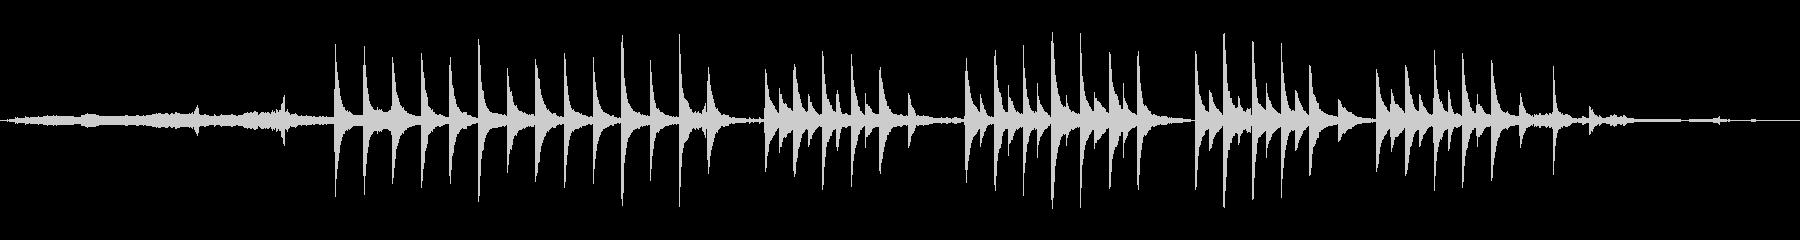 神秘的で浮遊感漂うサティのピアノ曲の未再生の波形